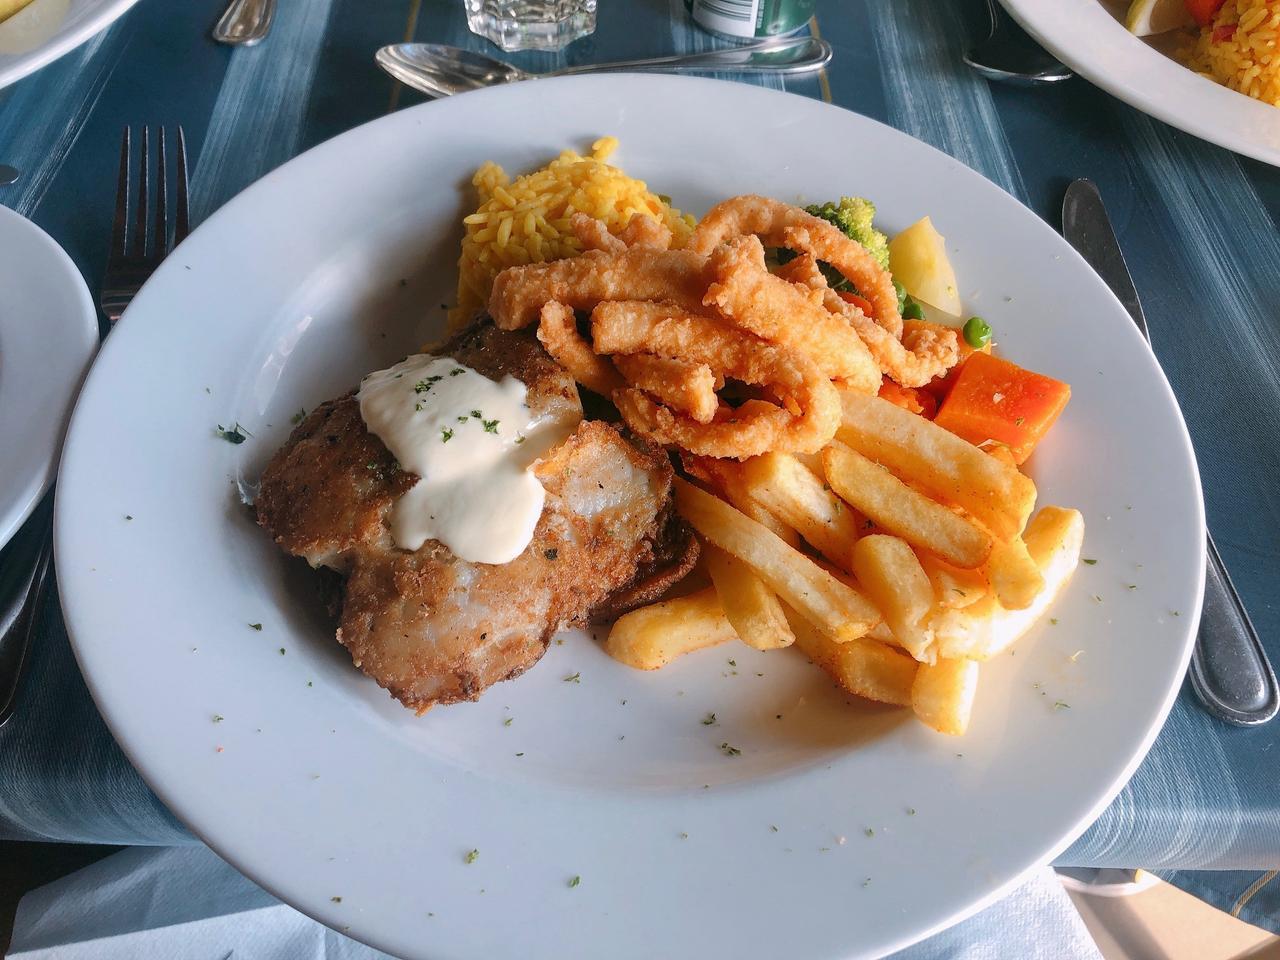 画像: メイン料理:白身魚とイカゲソのフライとフライドポテト(2019年7月 担当者撮影)